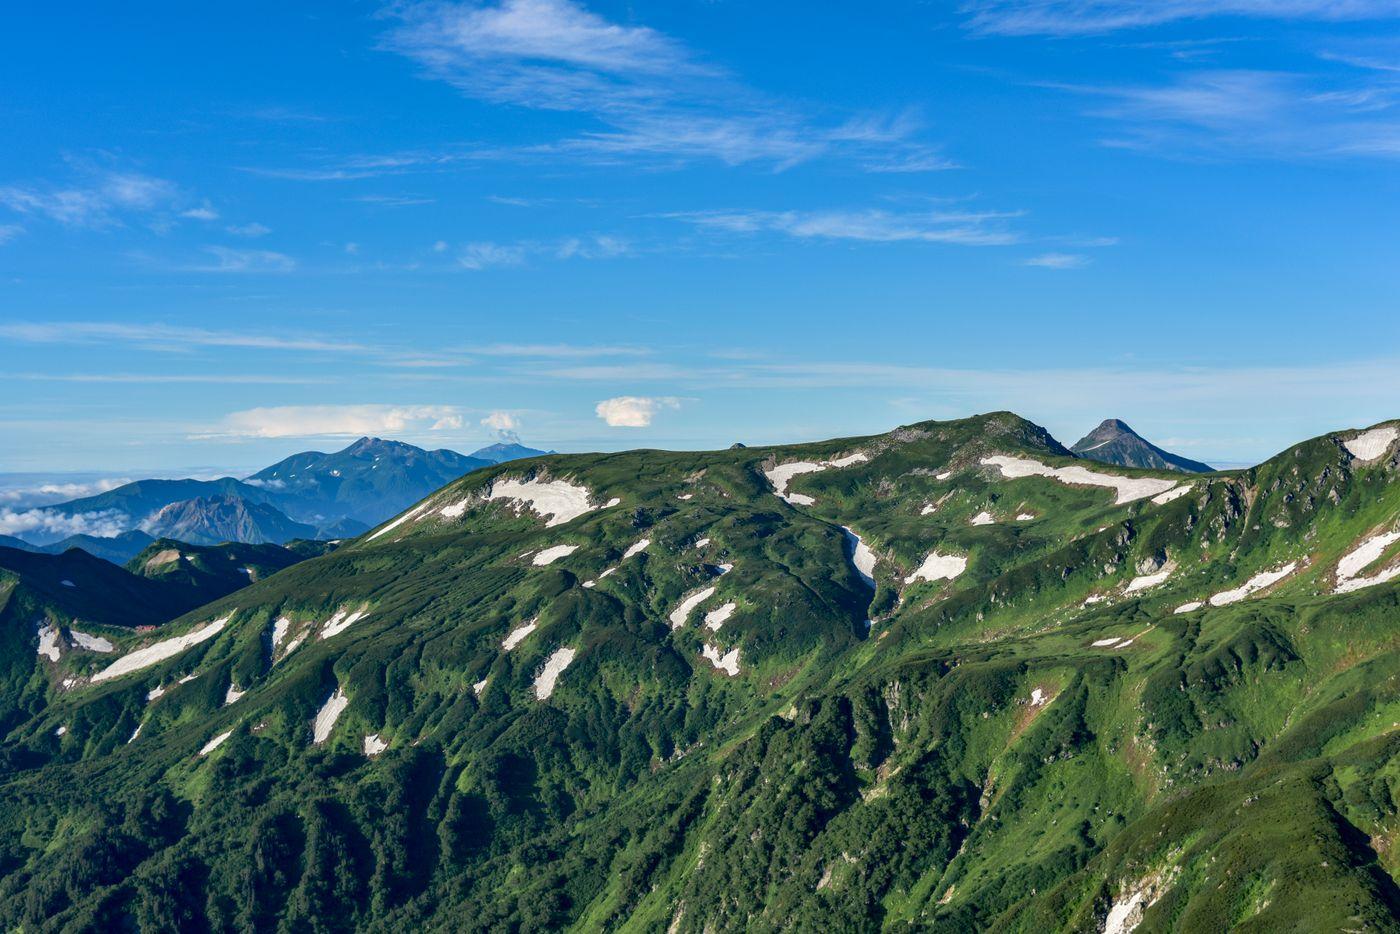 鷲羽岳中腹から見る北アルプス南部の山々の写真